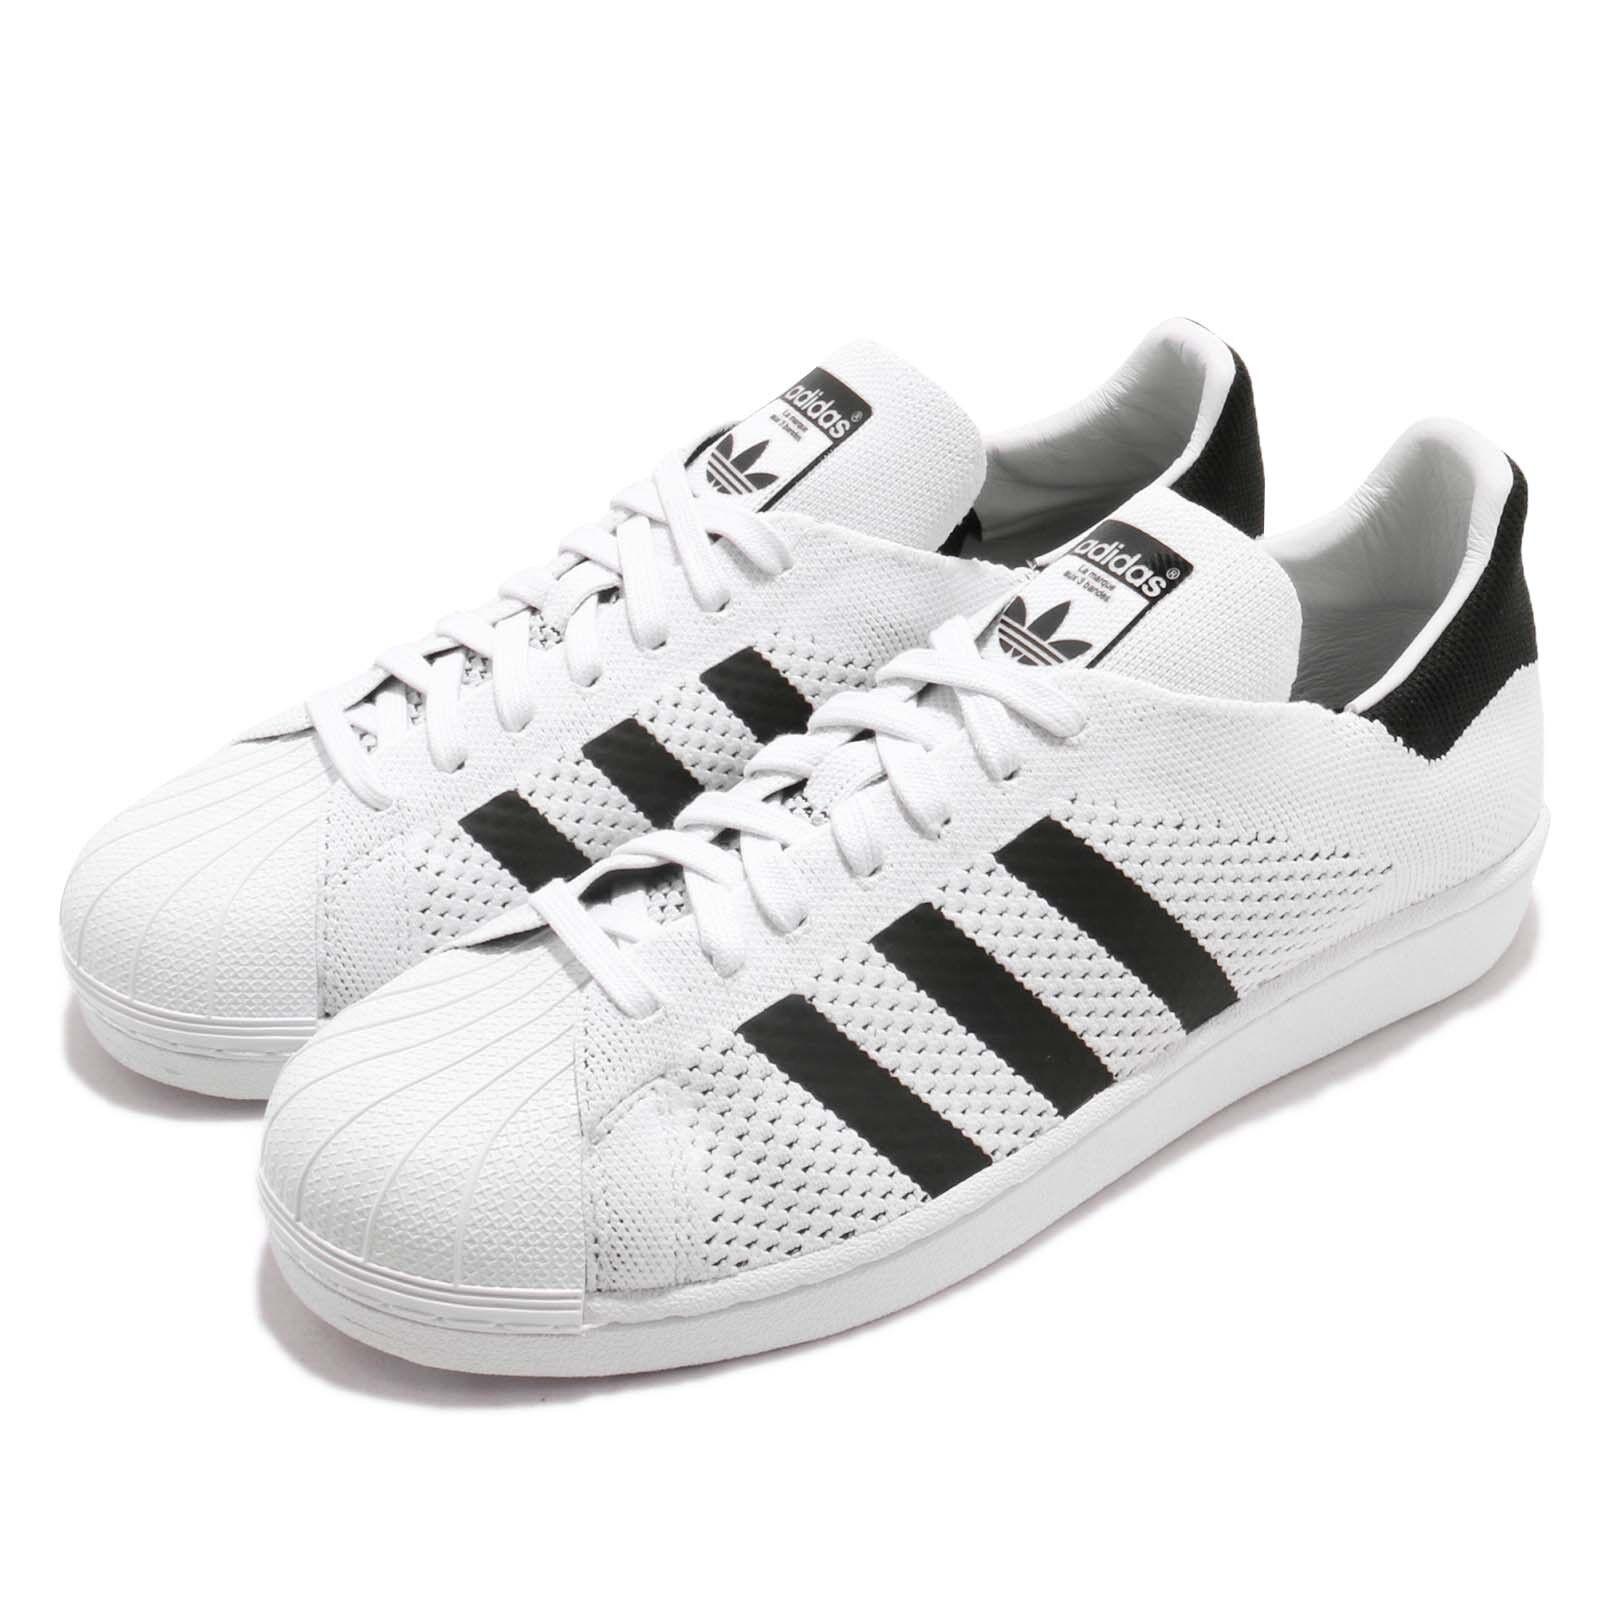 Adidas Originals Superstar PK PrimeKnit blanco negro Men Casual zapatos BY8704